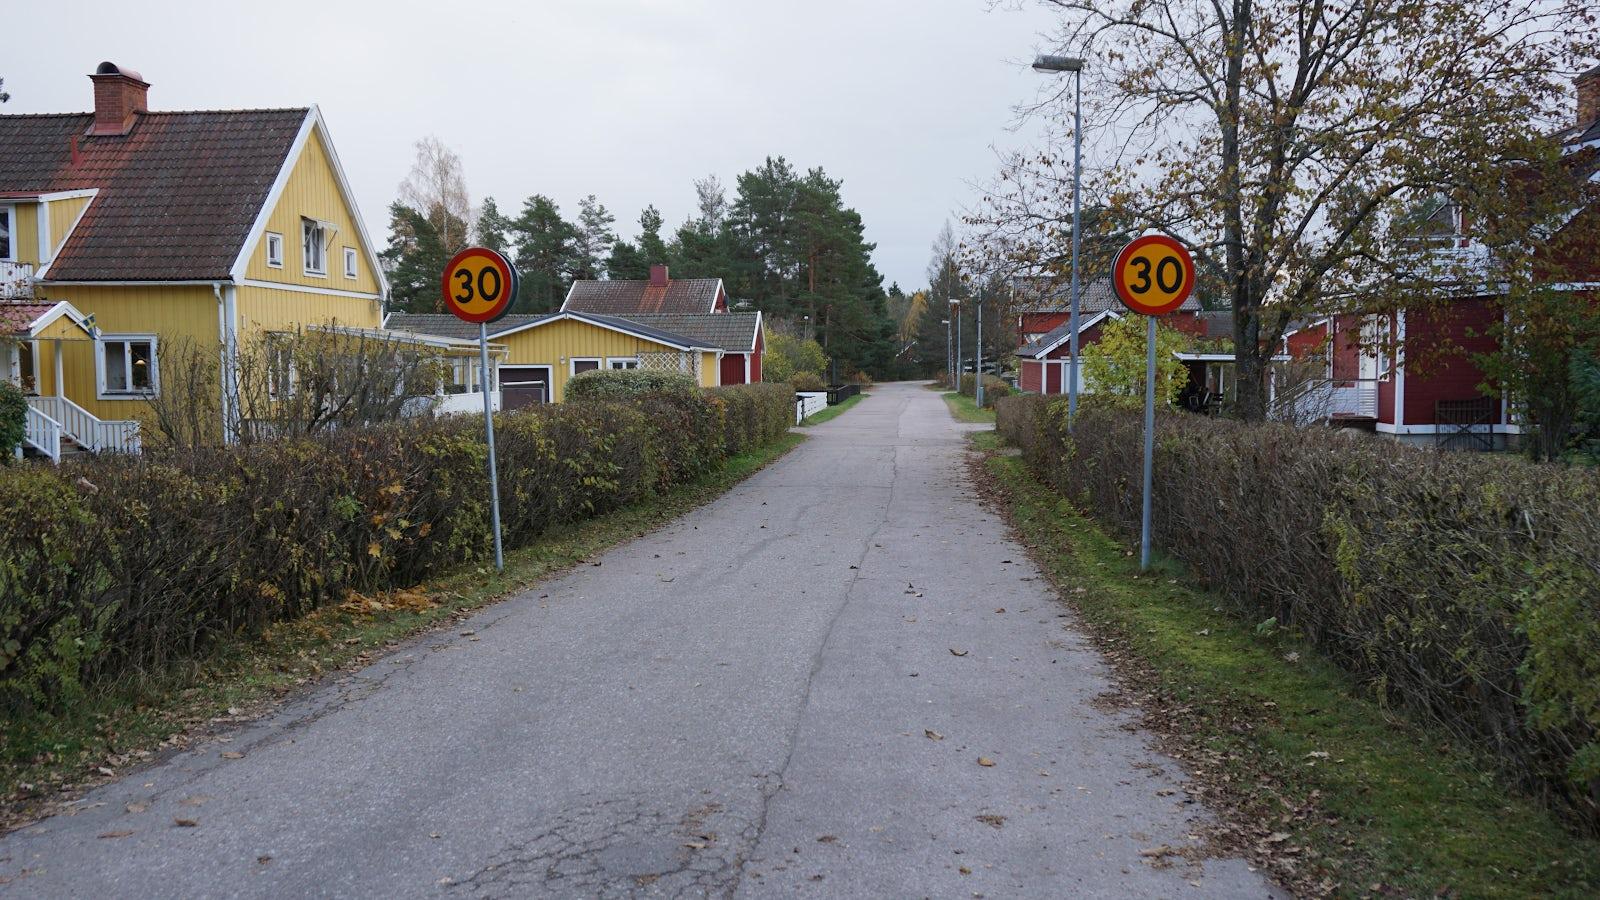 Väg i ett villaområde där hastighetsbegränsningen är 30 km/h och där högerregeln gäller.